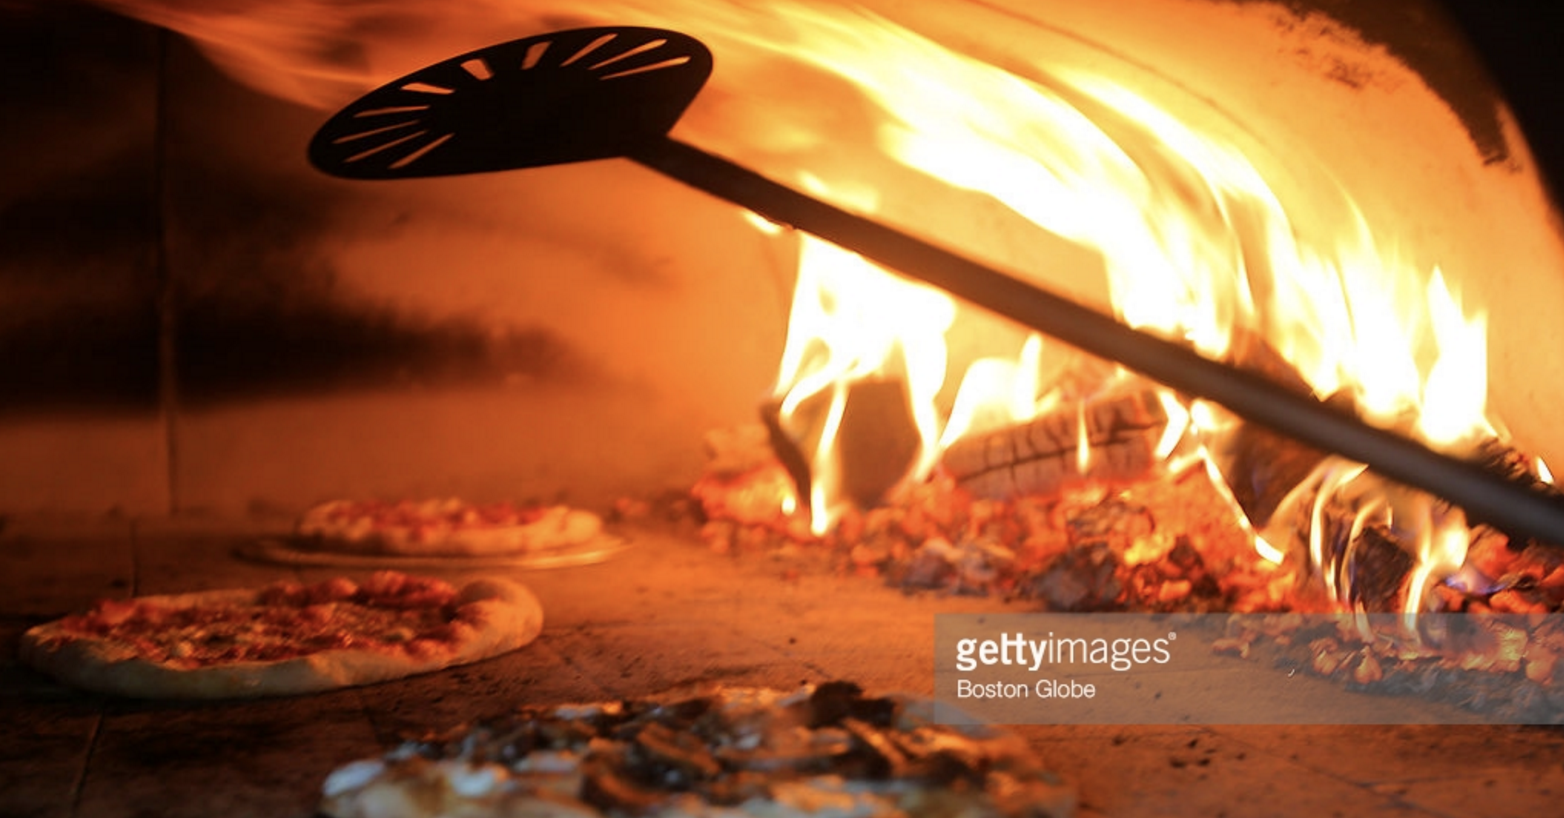 Any Pizza Company